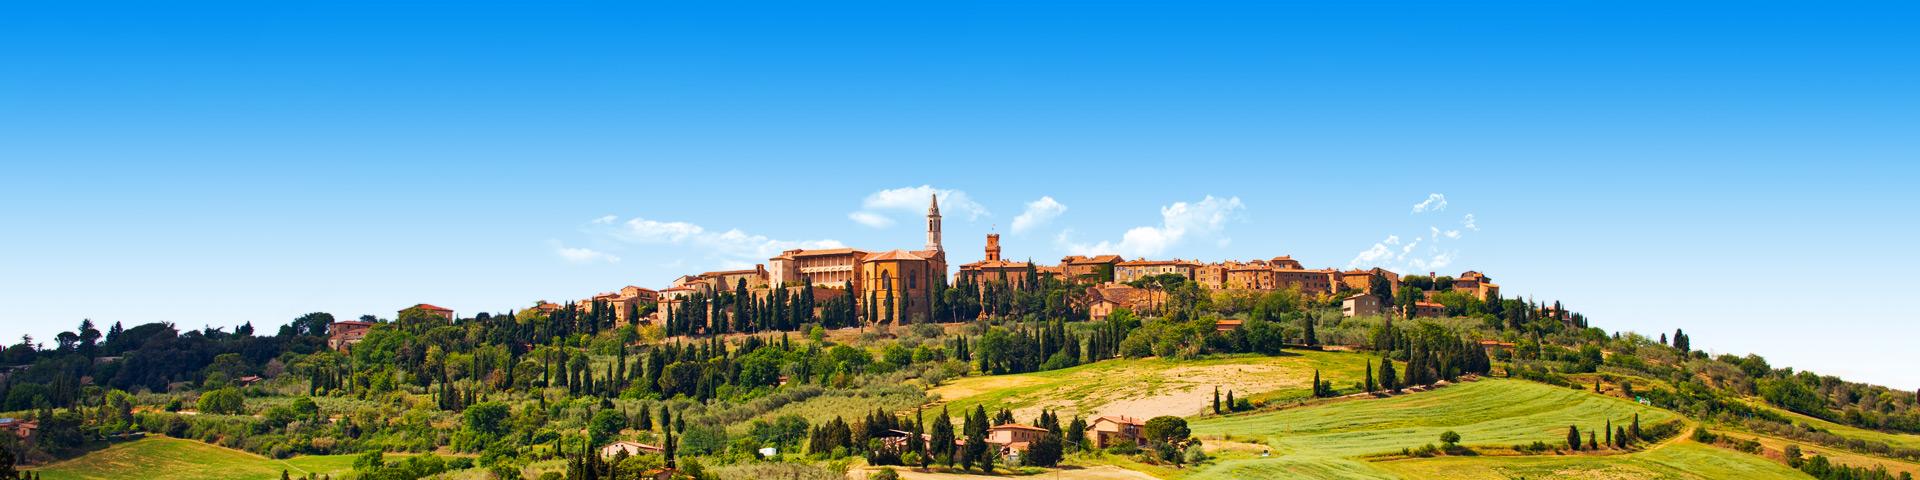 Agriturismo's in Italië: ontspannen in een groen landschap